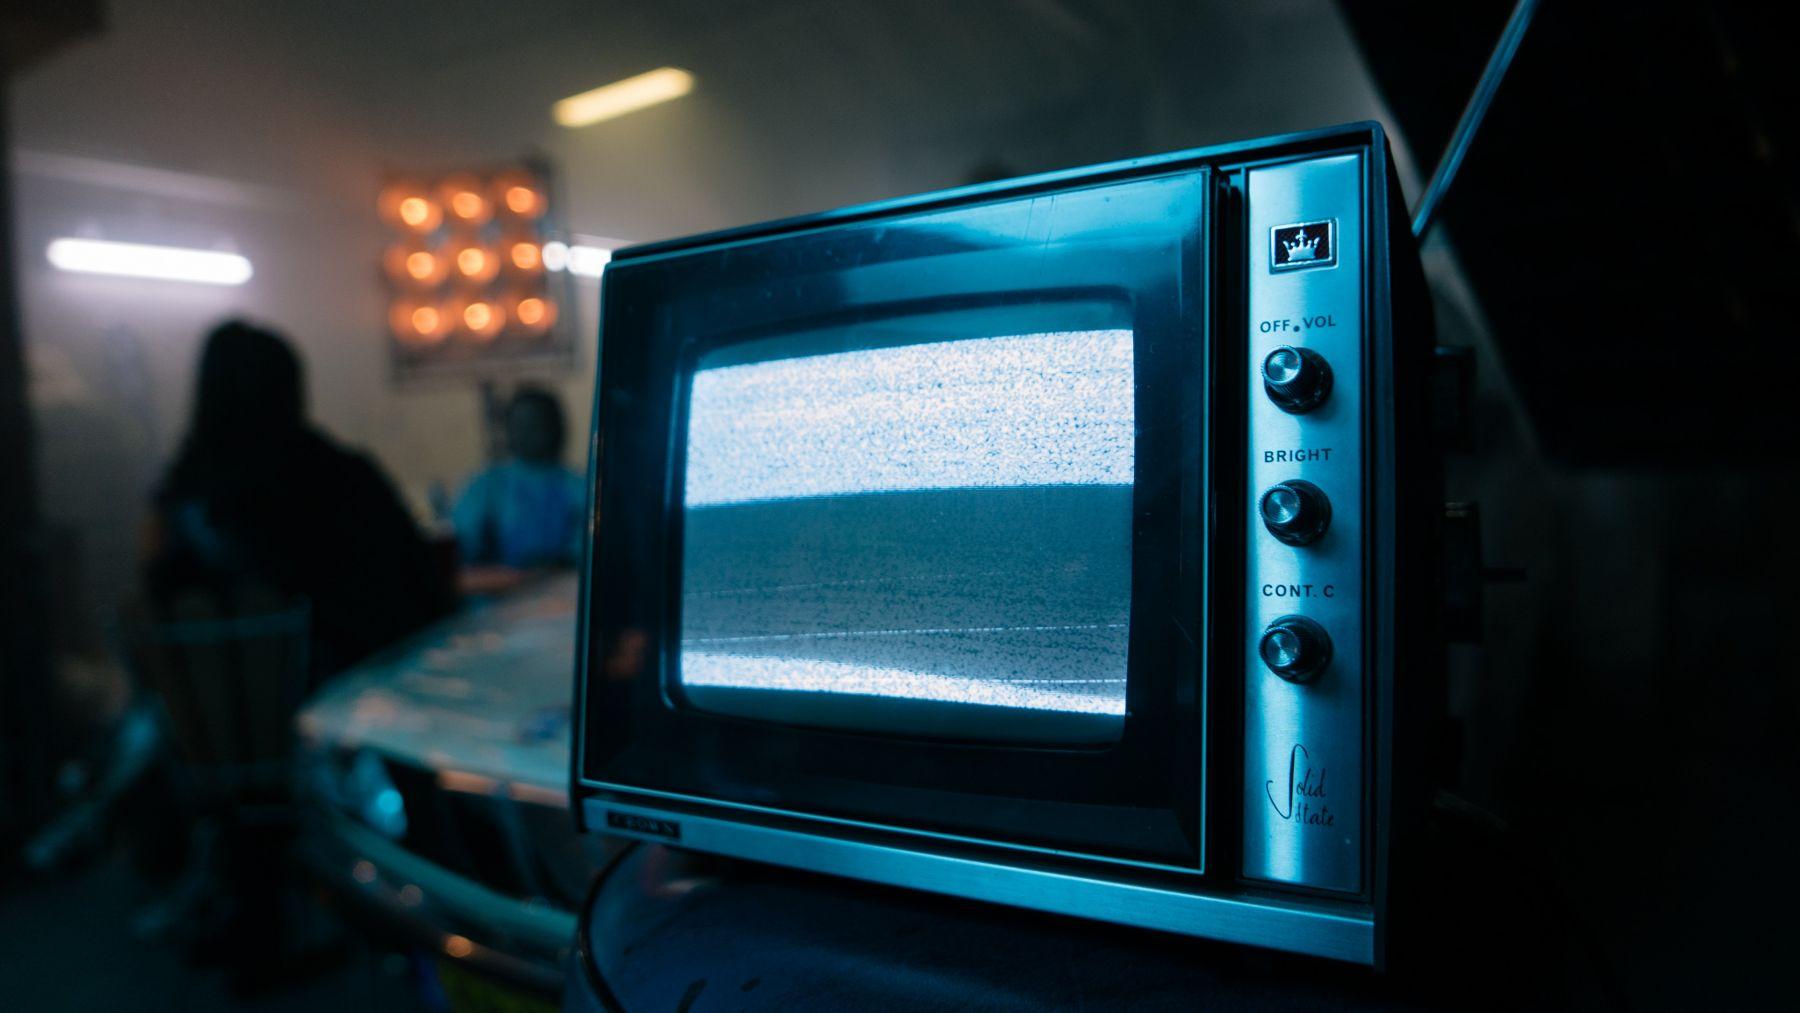 Staticky TV